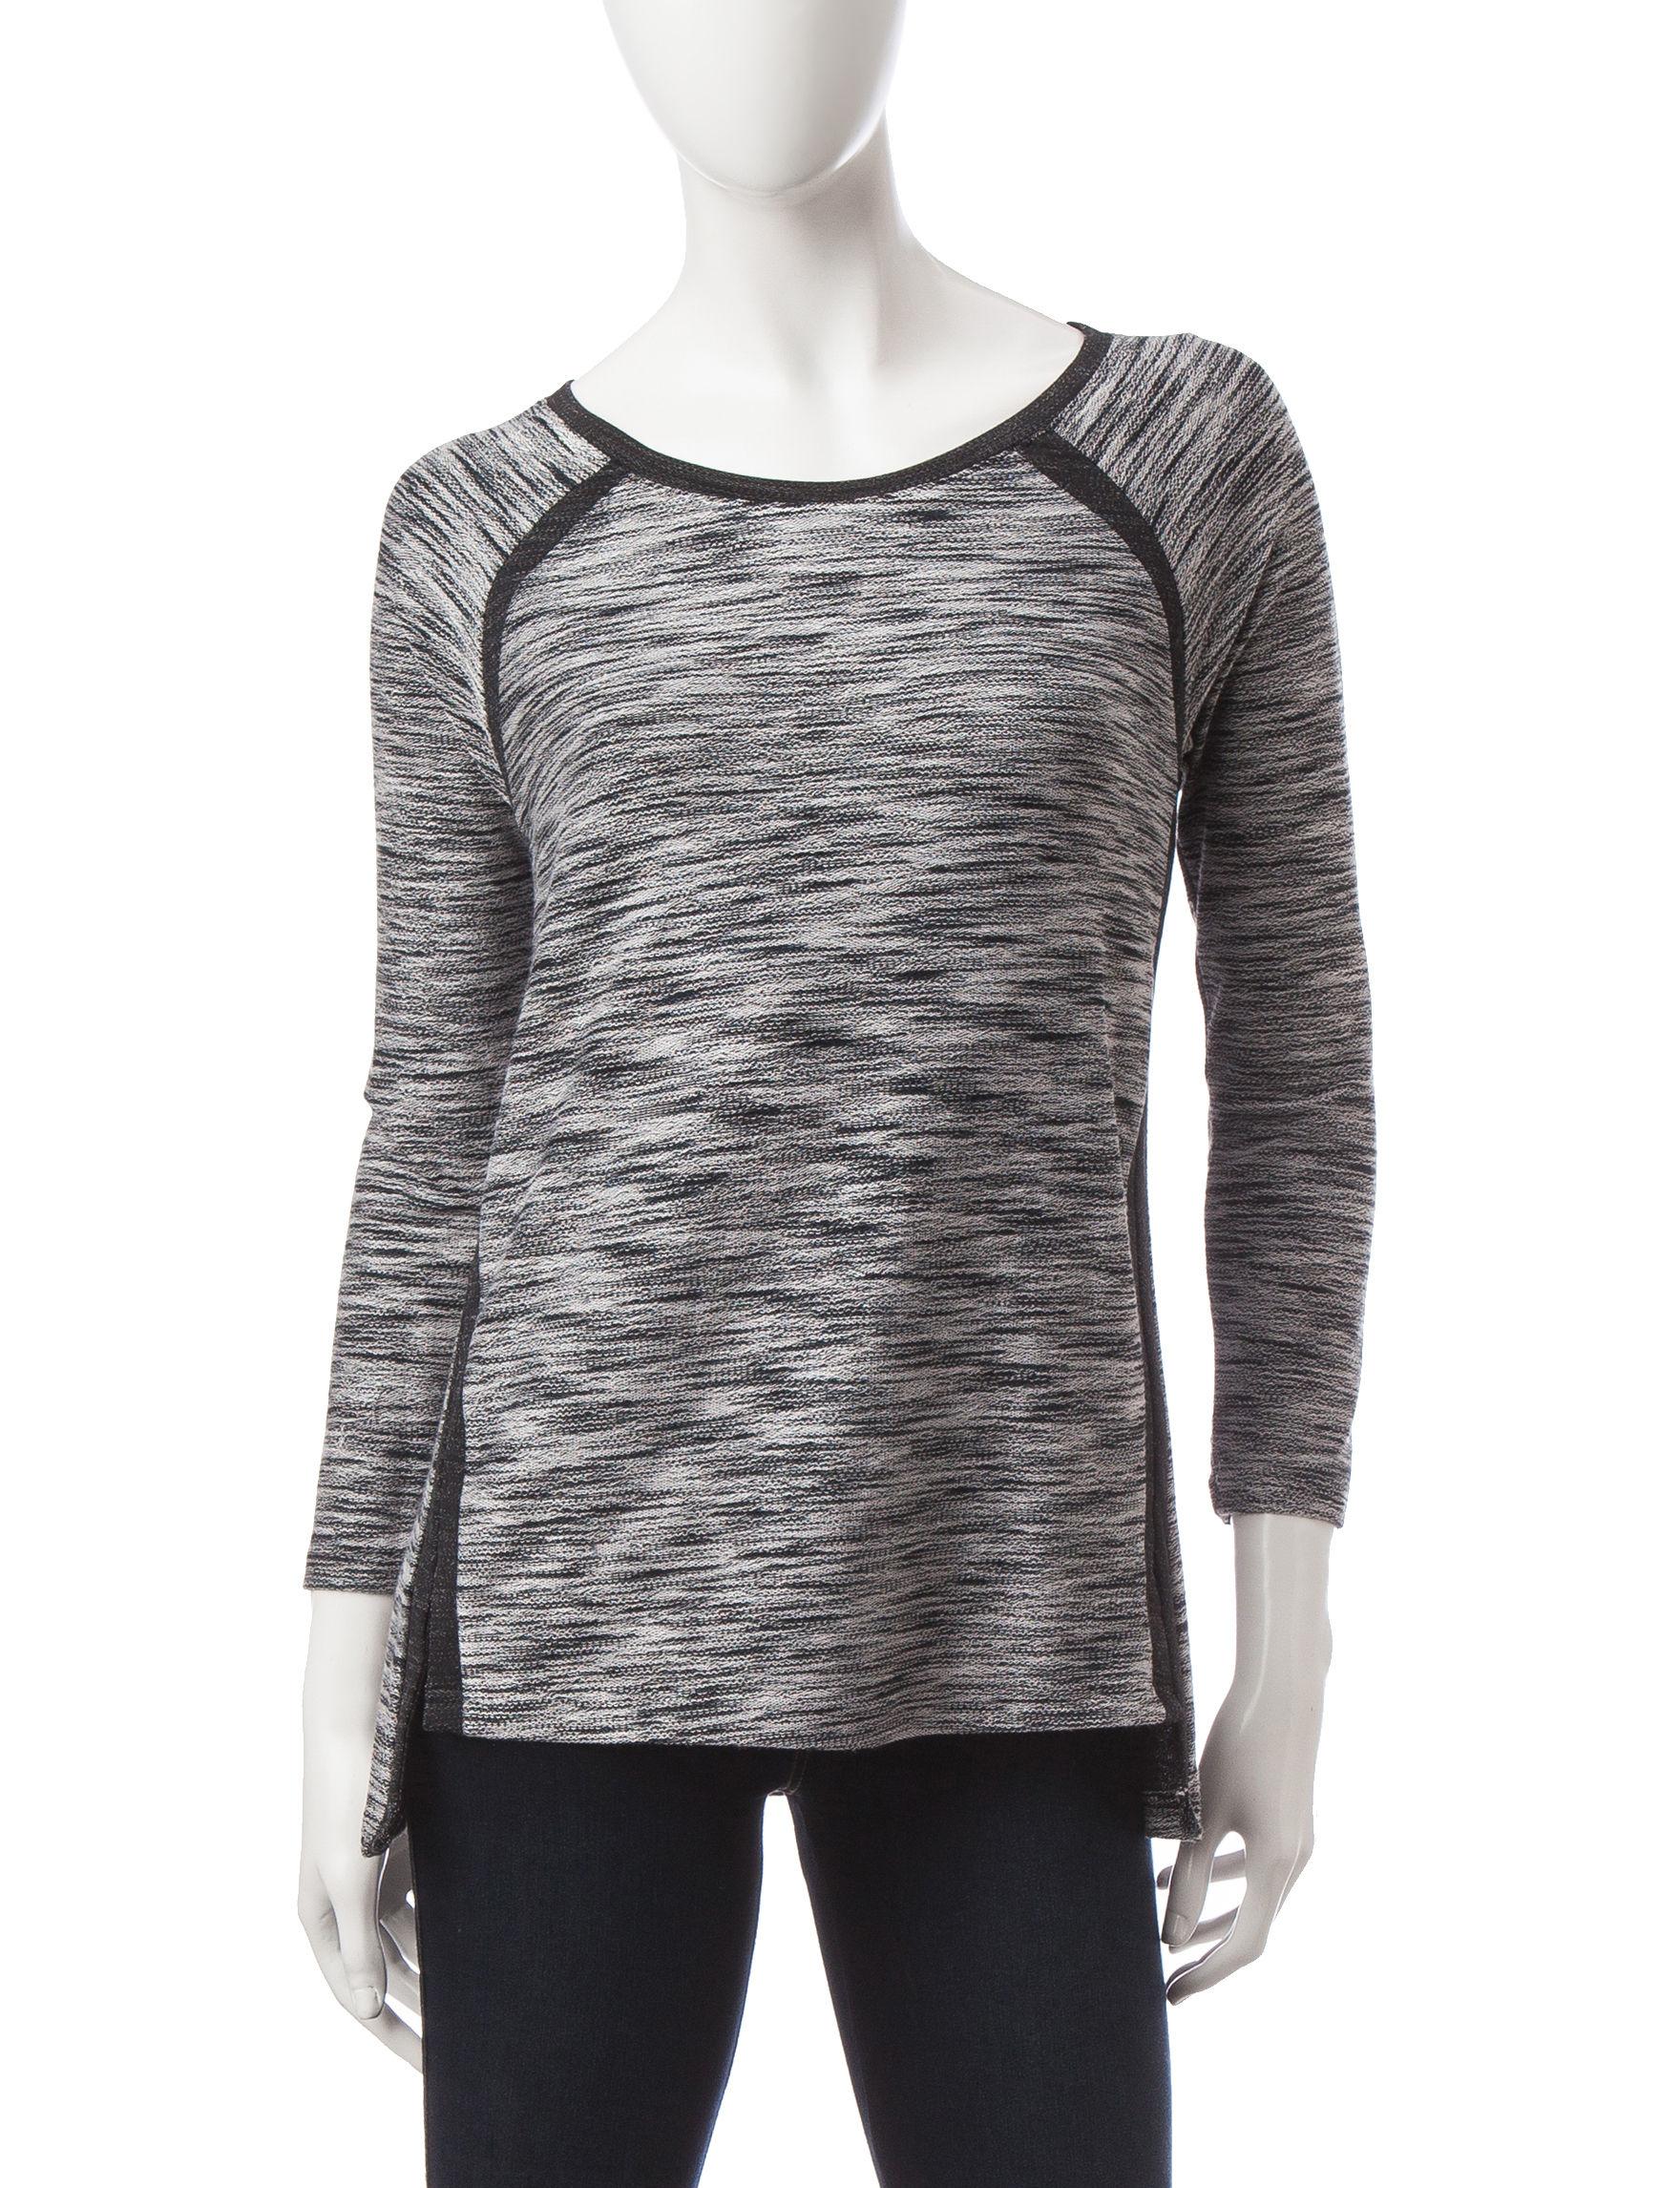 Hannah Caviar Shirts & Blouses